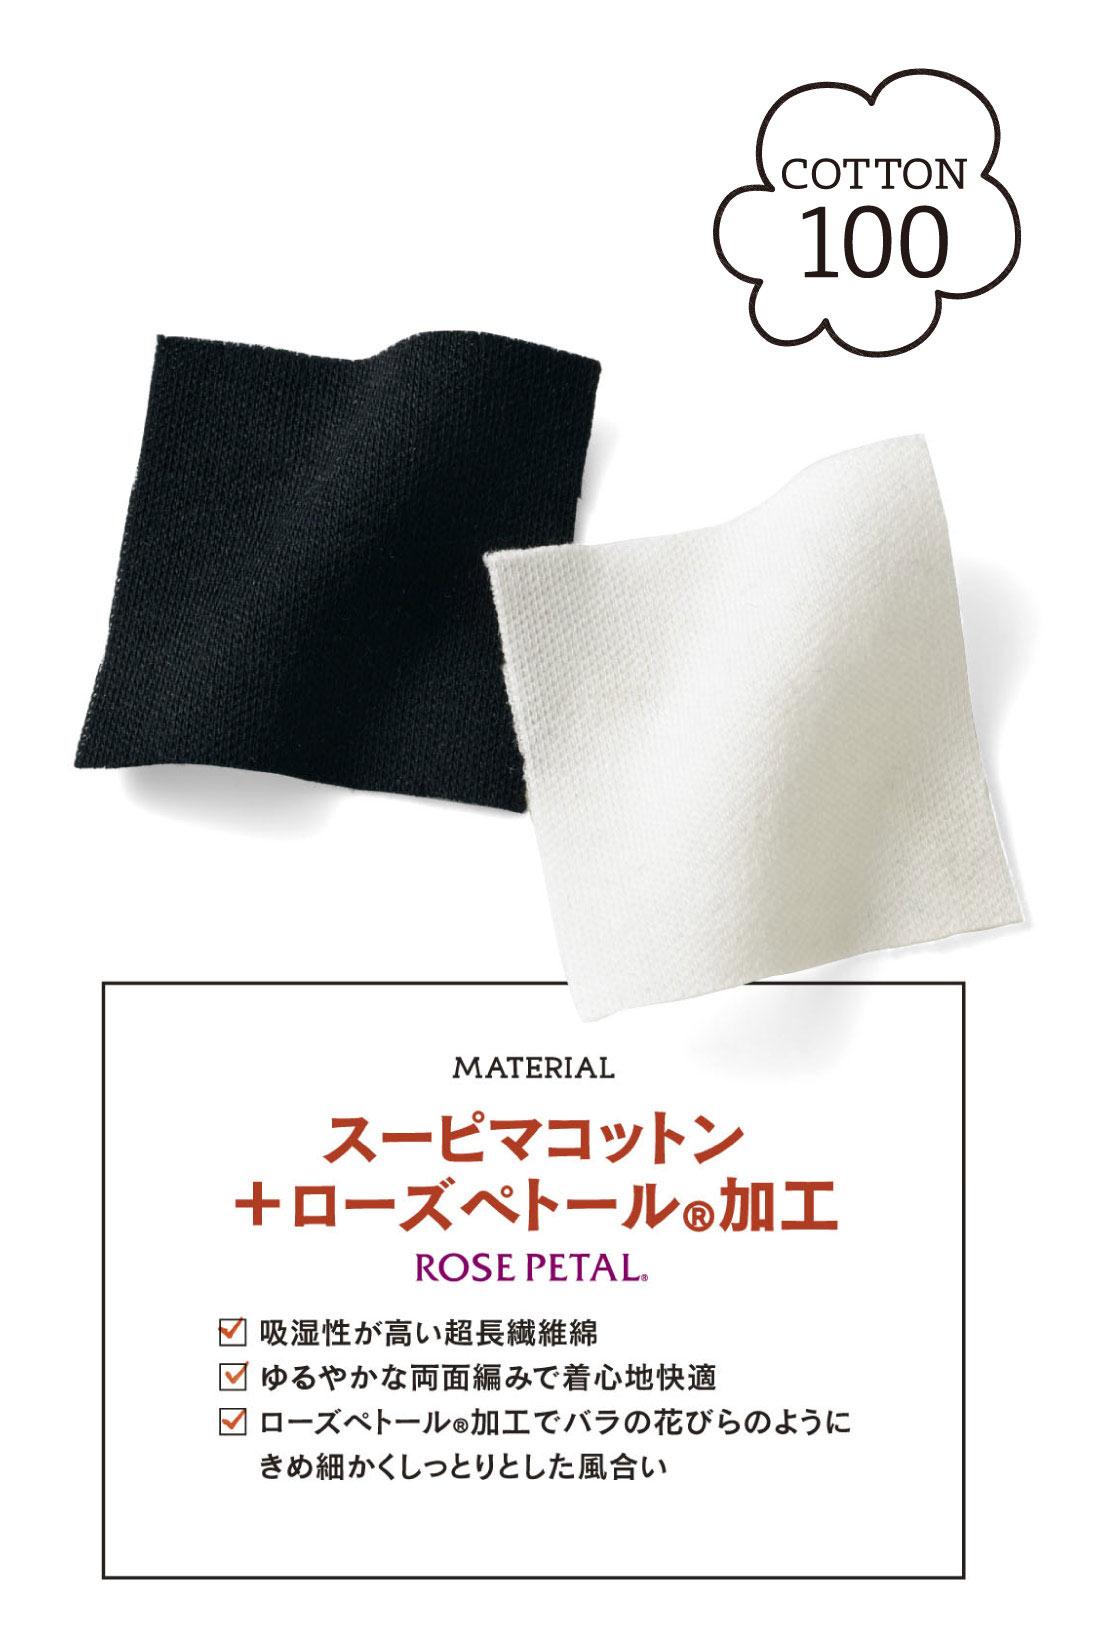 ※「ローズペトール(R)」は富士紡ホールディングス㈱の登録商標です。